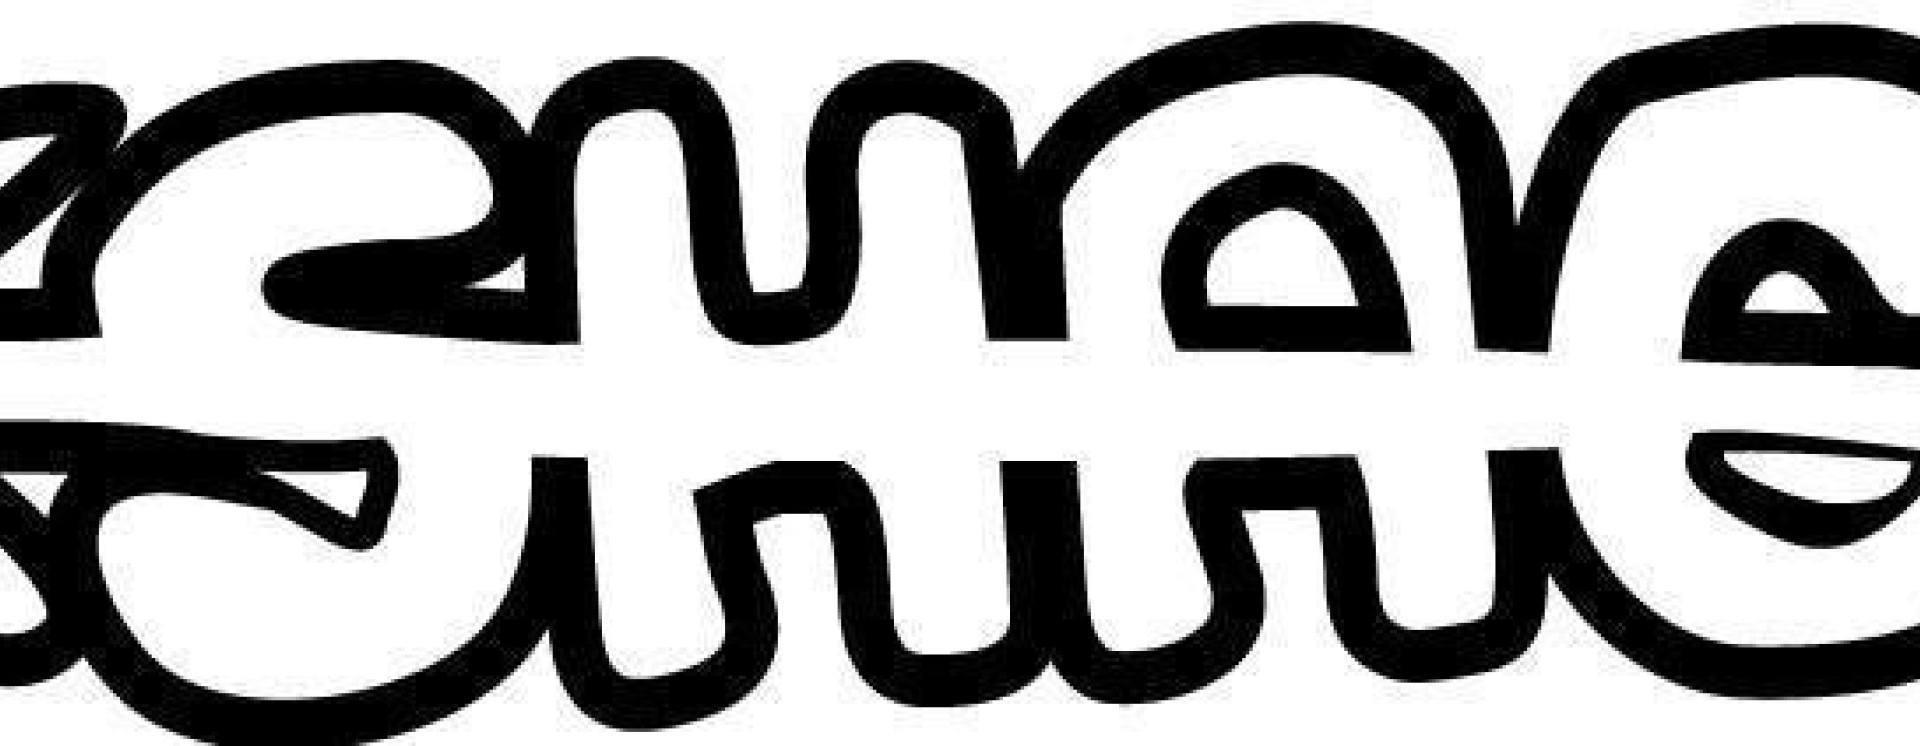 1375381443 shag emblem copy